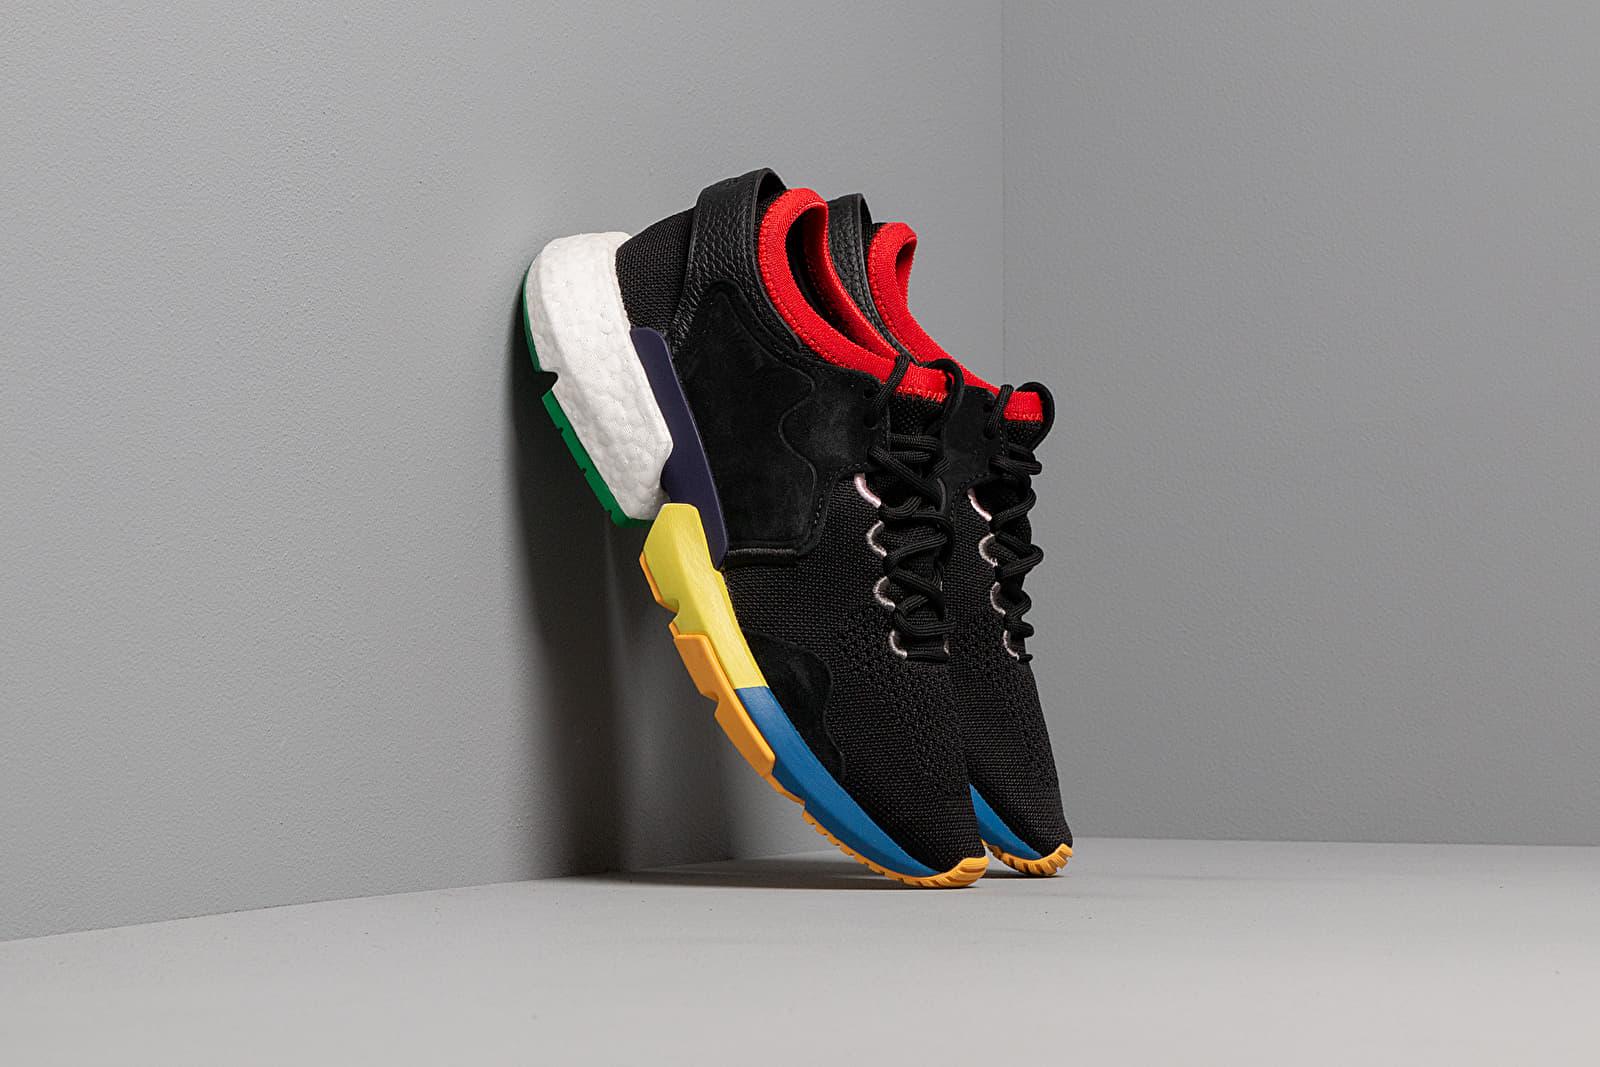 Men's shoes adidas Consortium x Social Status P.O.D Core Black/ Core White/ Off White